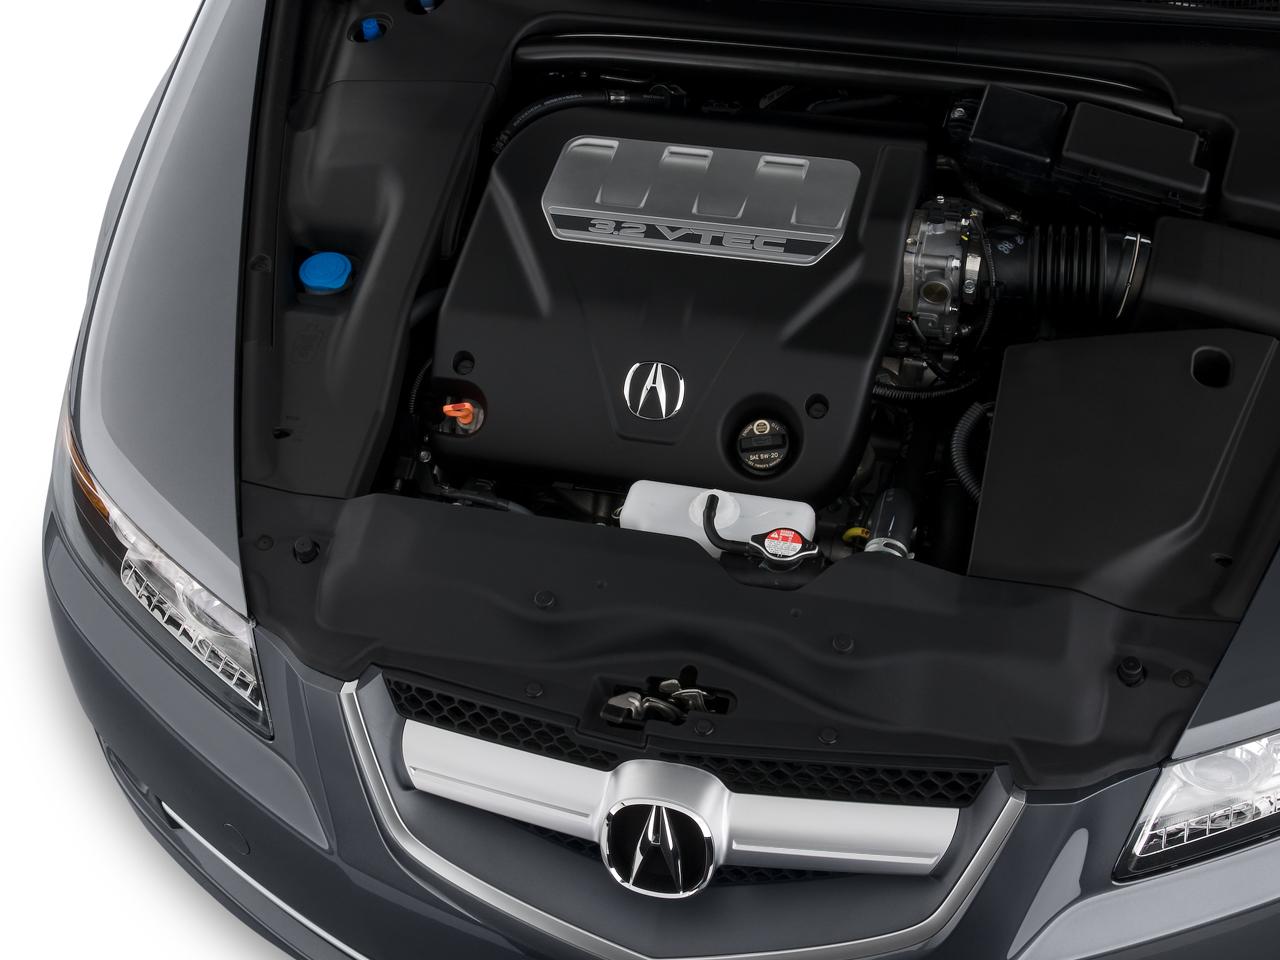 Acura Tl Speed At Sedan Engine on Acura Tl 2005